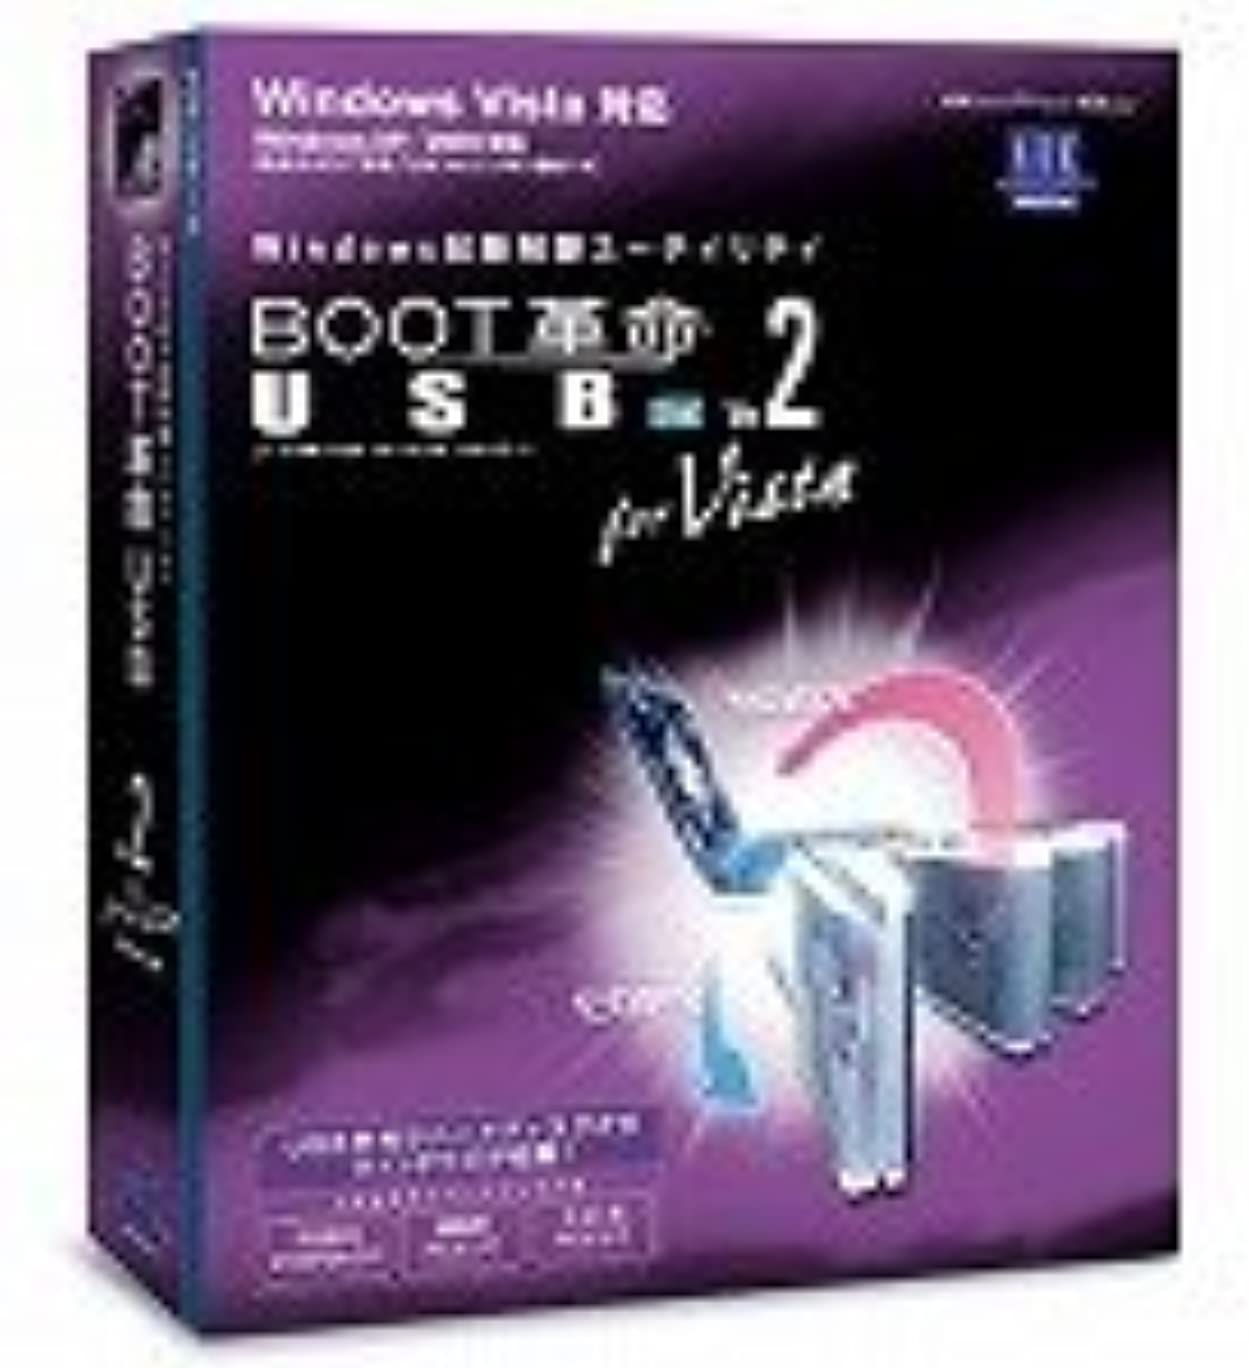 いとこ森林十分なBOOT革命/USB Ver.2 for Vista Std アカデミックパック 1ユーザー アップグレード版